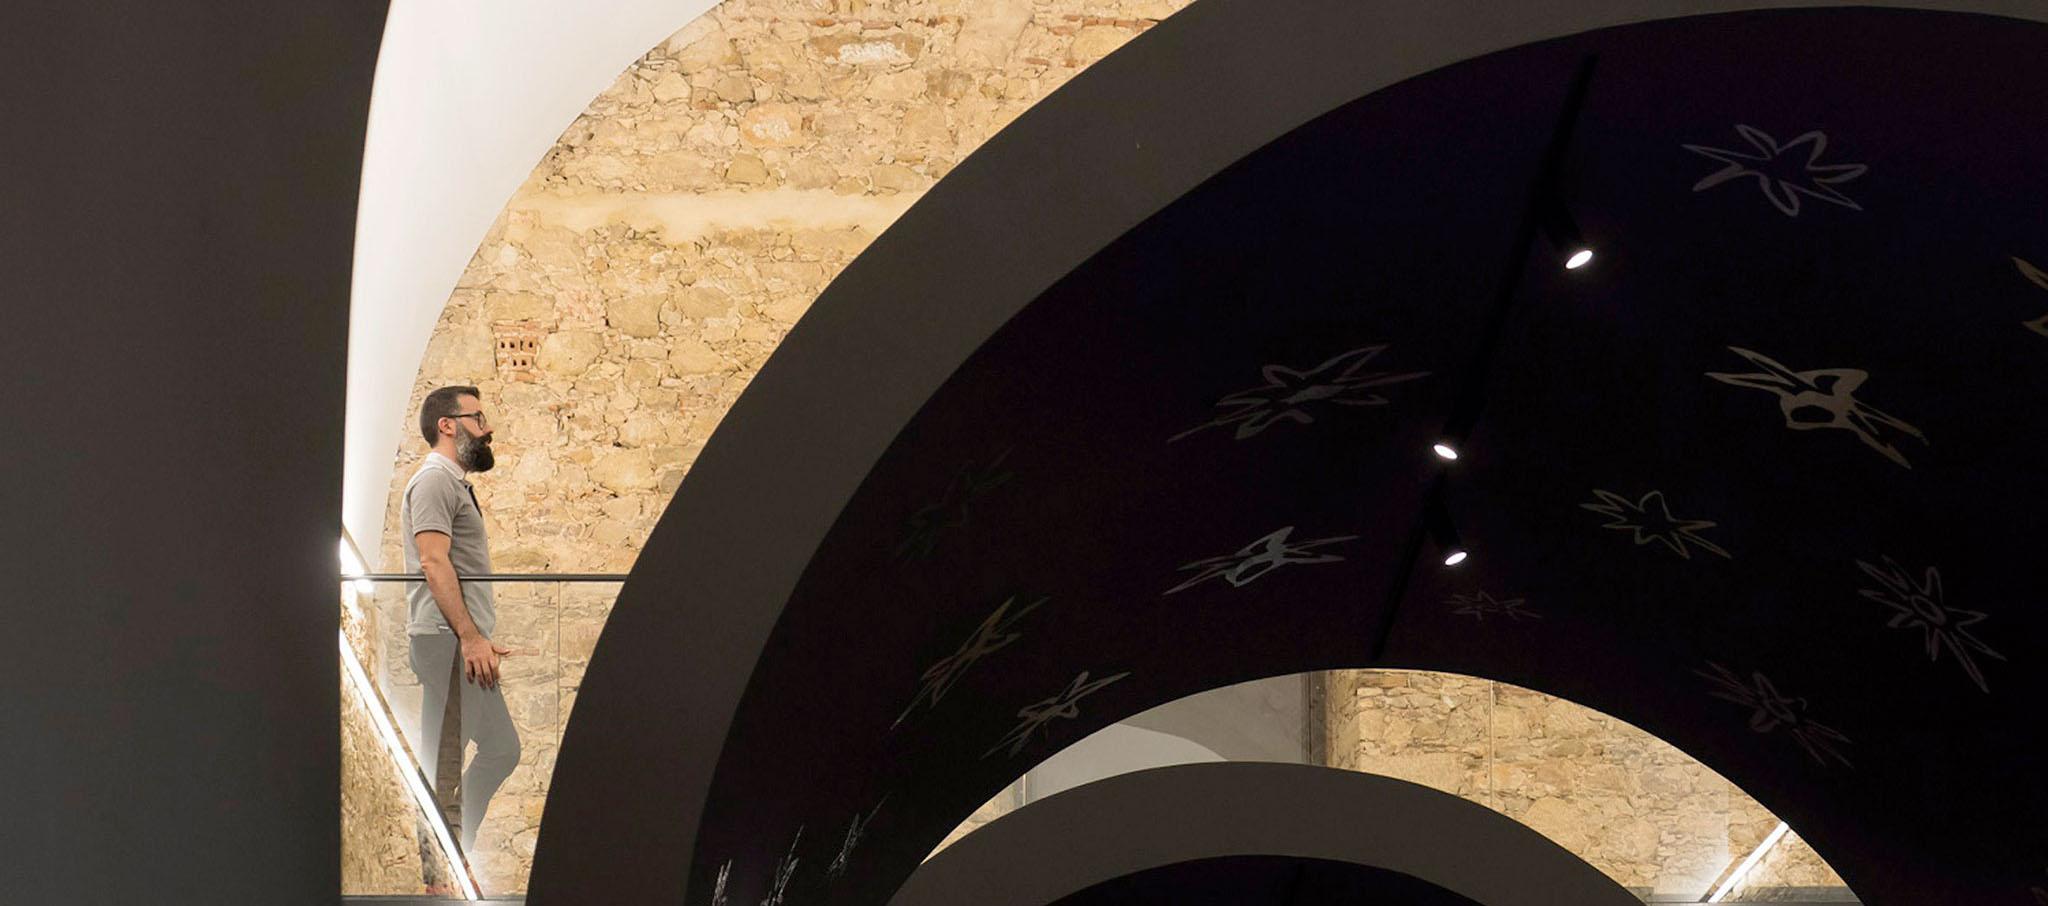 Una instalación para conmemorar el aniversario de Damião de Gois, filósofo portugués, por Spaceworkers. Fotografía © Fernando Guerra   FG+SG